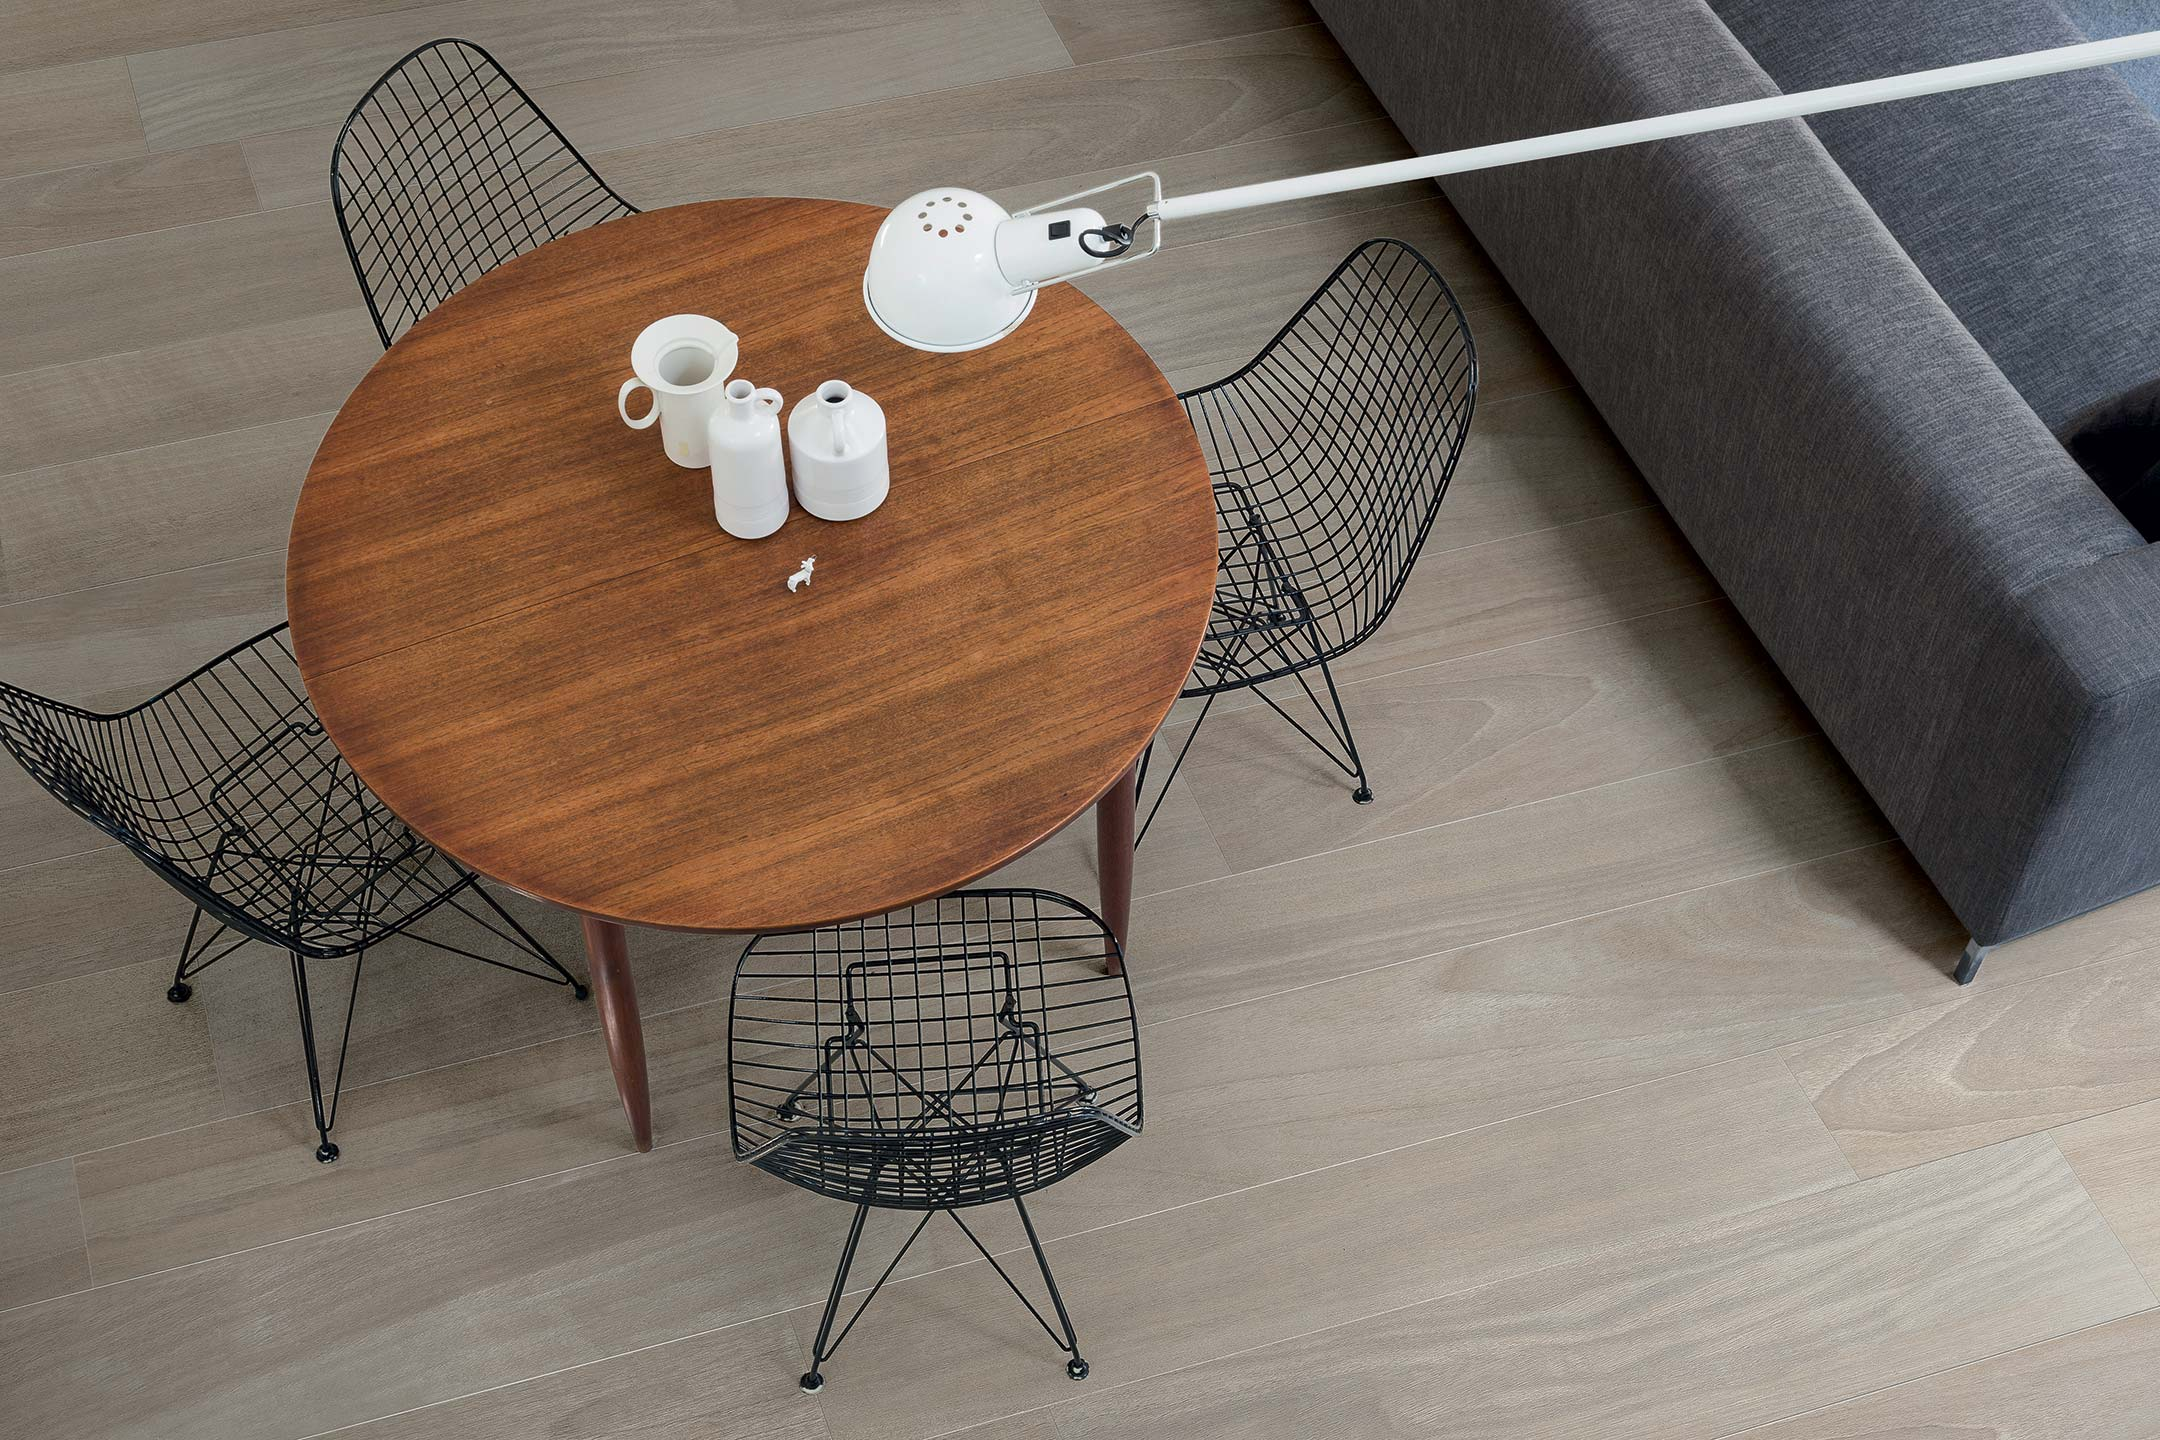 wooden tile | ceramiche addeo - Piastrelle Casa Dolce Casa Prezzi